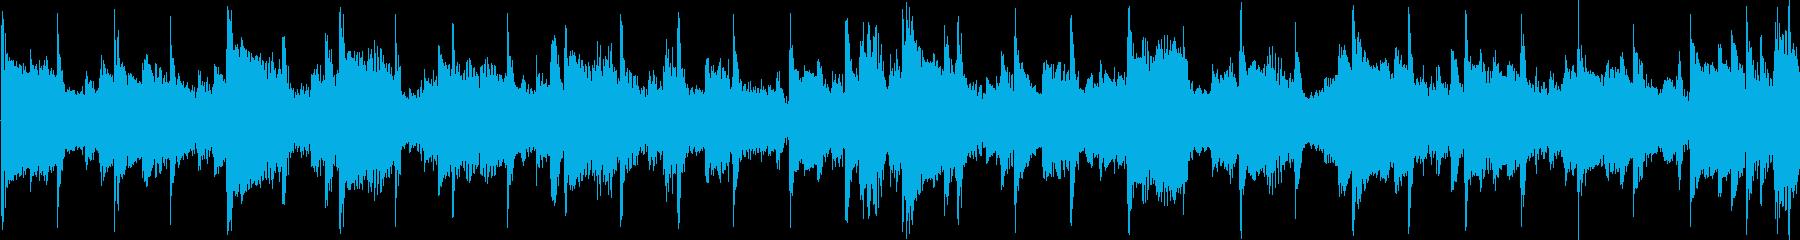 アジア風のメロディのジングル_ループの再生済みの波形